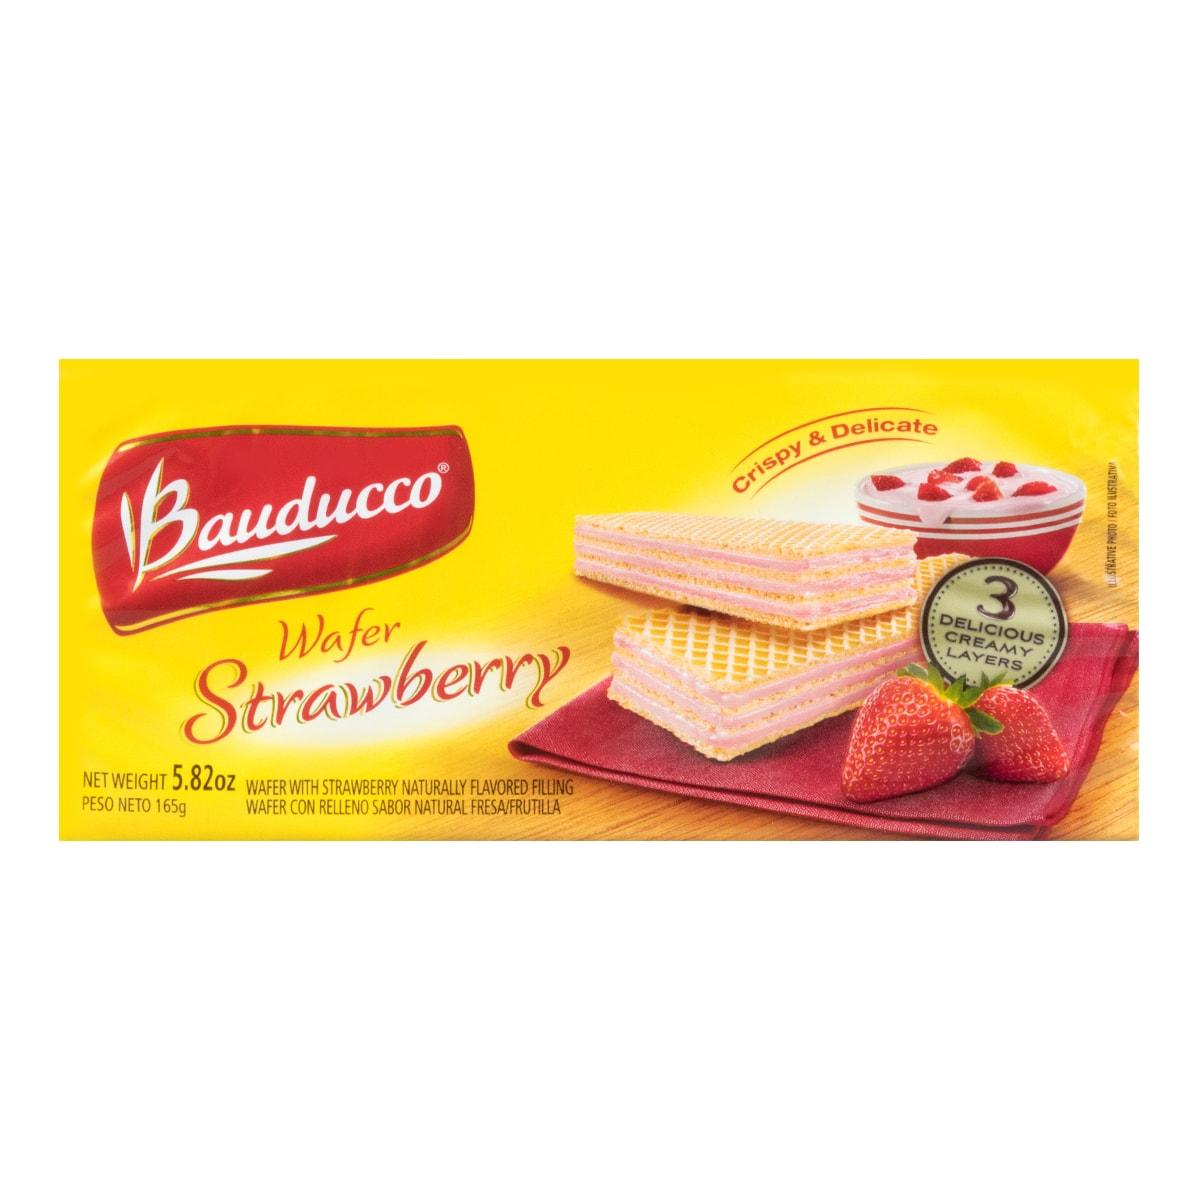 巴西BAUDUCCO 威化饼干 草莓味 165g 怎么样 - 亚米网